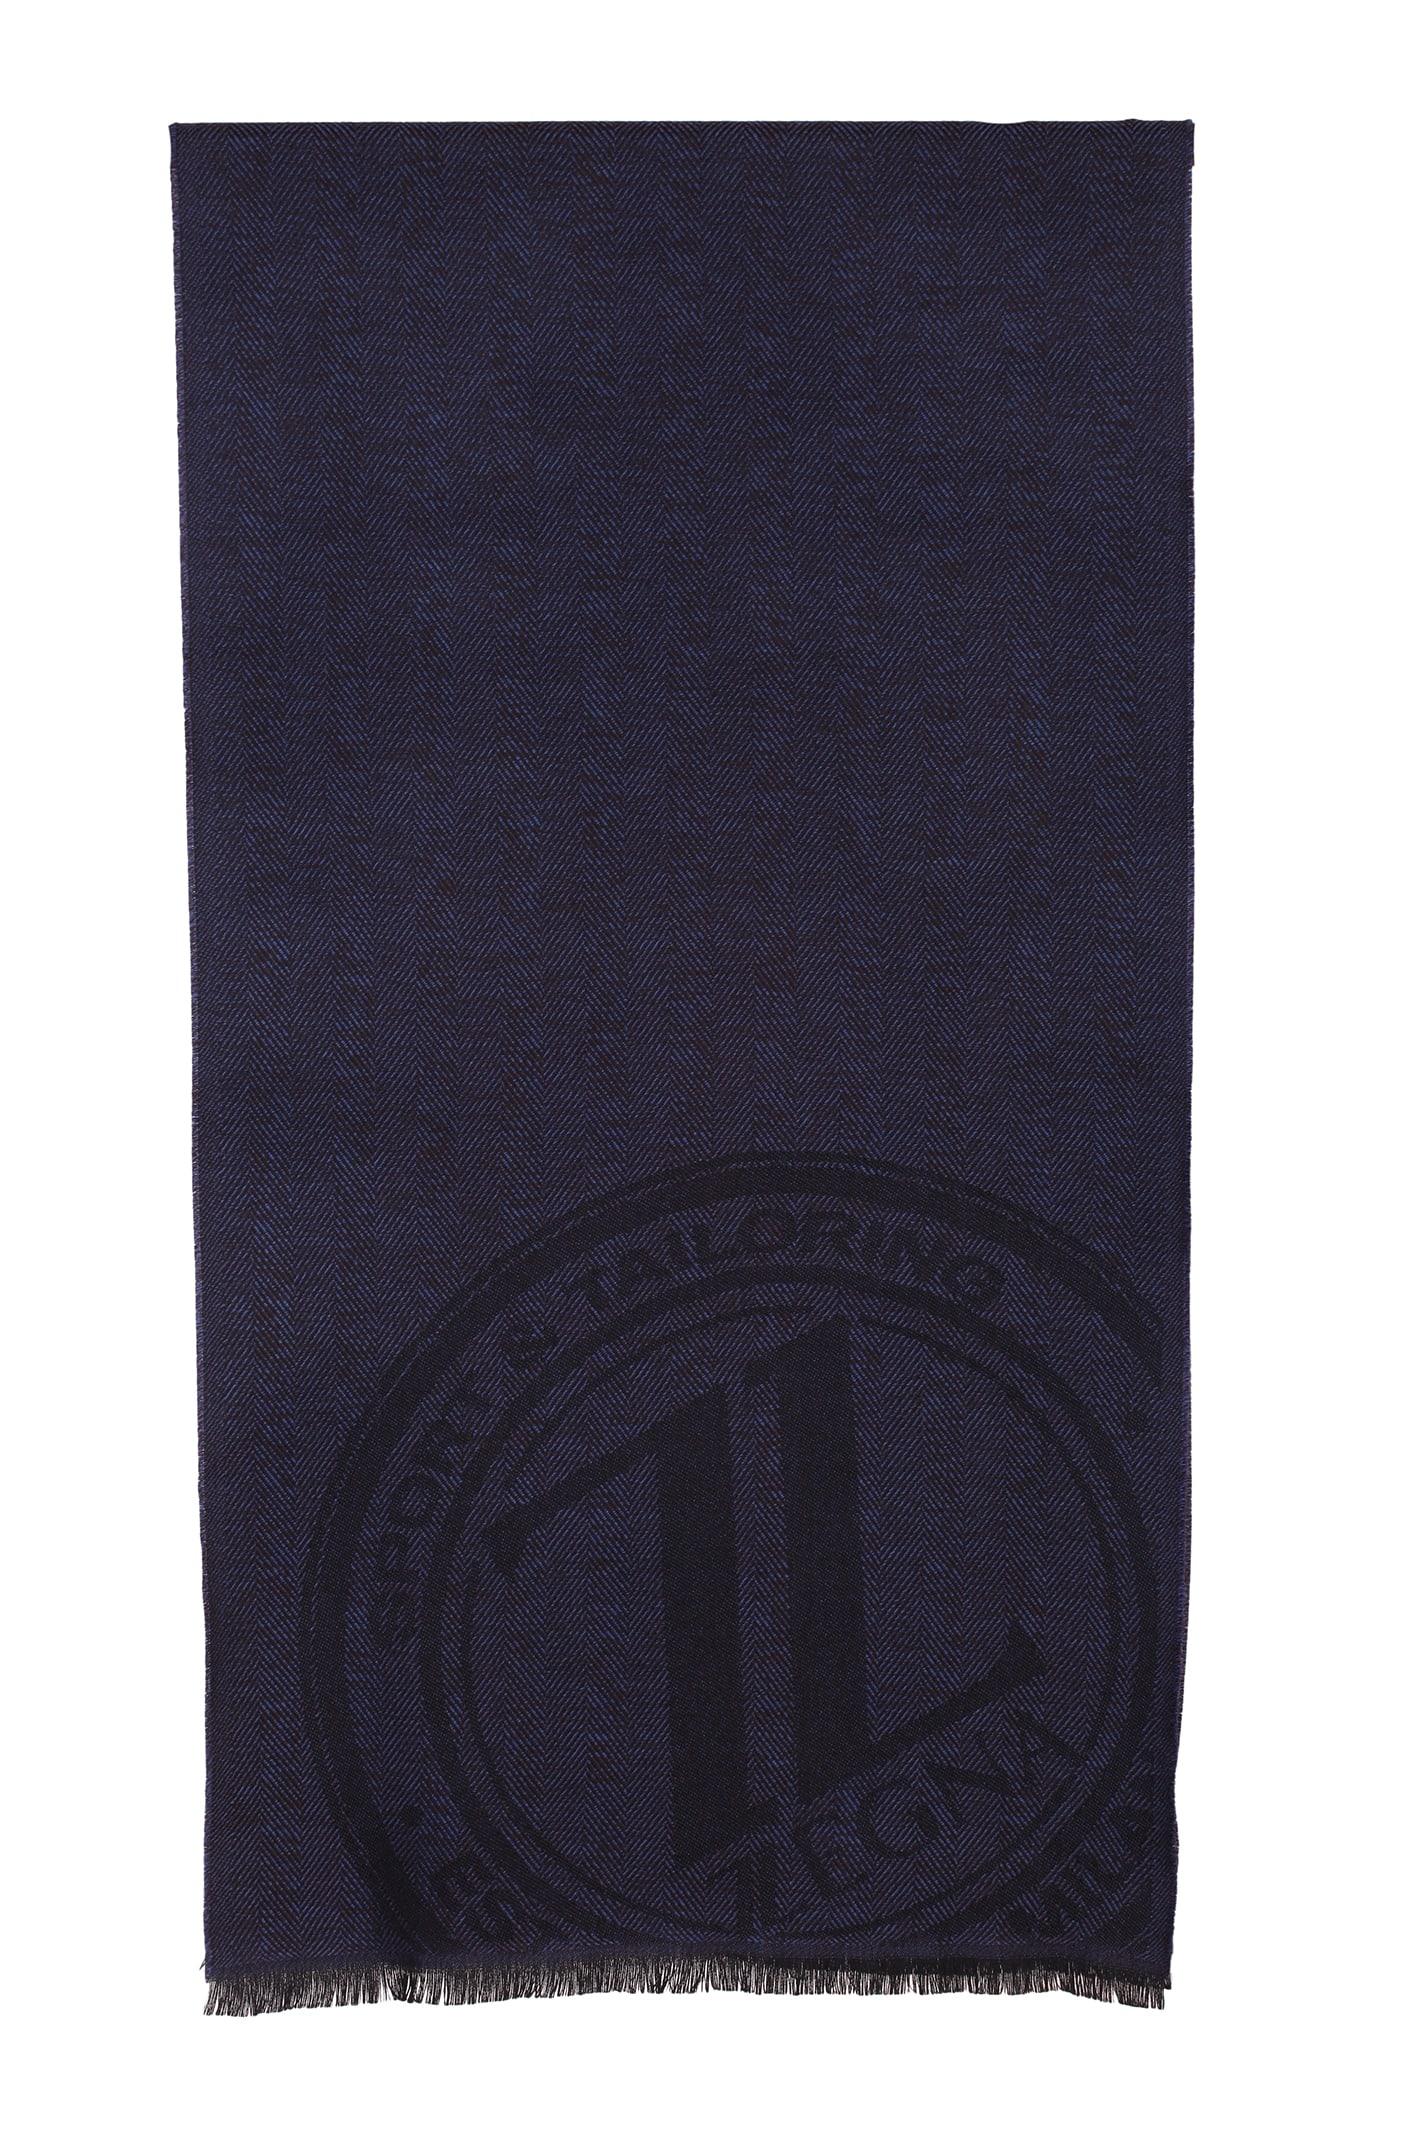 Z Zegna wool scarf